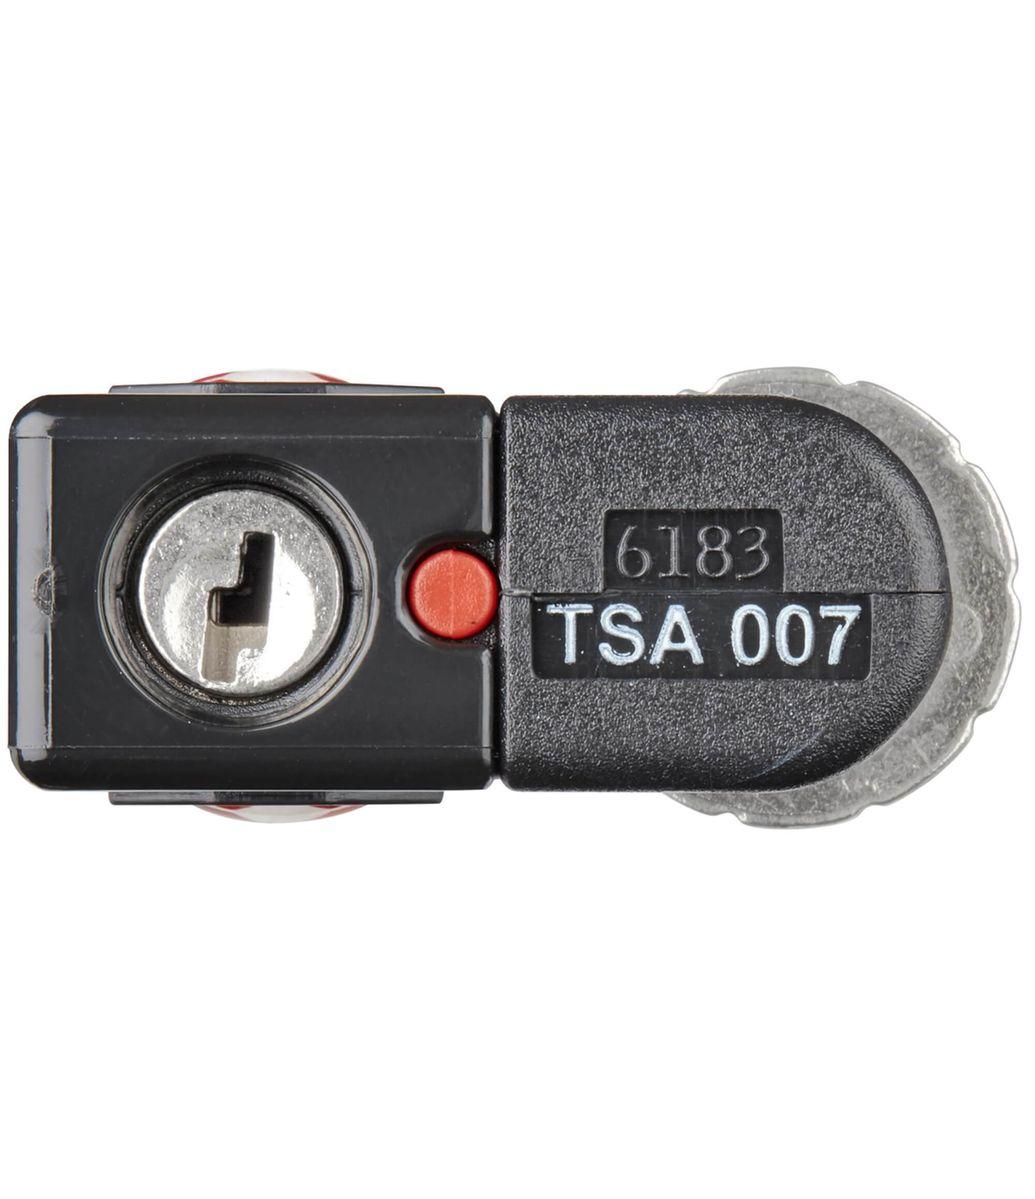 Cadeado de Viagem Wenger com TSA Lock de 3 combinações